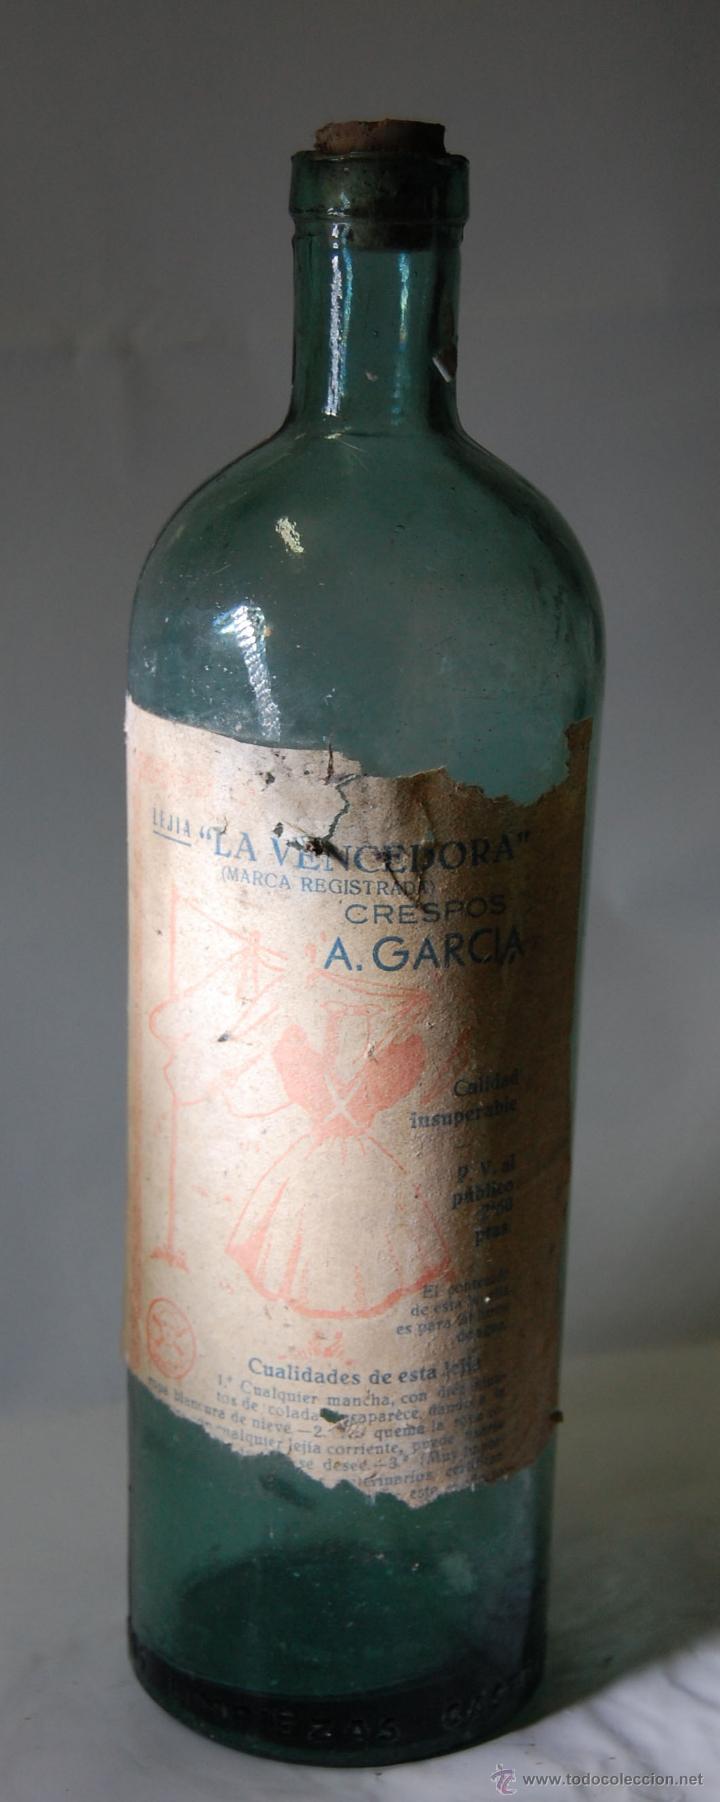 BOTELLA DE LEJÍA LA VENCEDORA CRESPOSA A. GARCÍA // AÑOS 40 (Coleccionismo - Botellas y Bebidas - Botellas Antiguas)